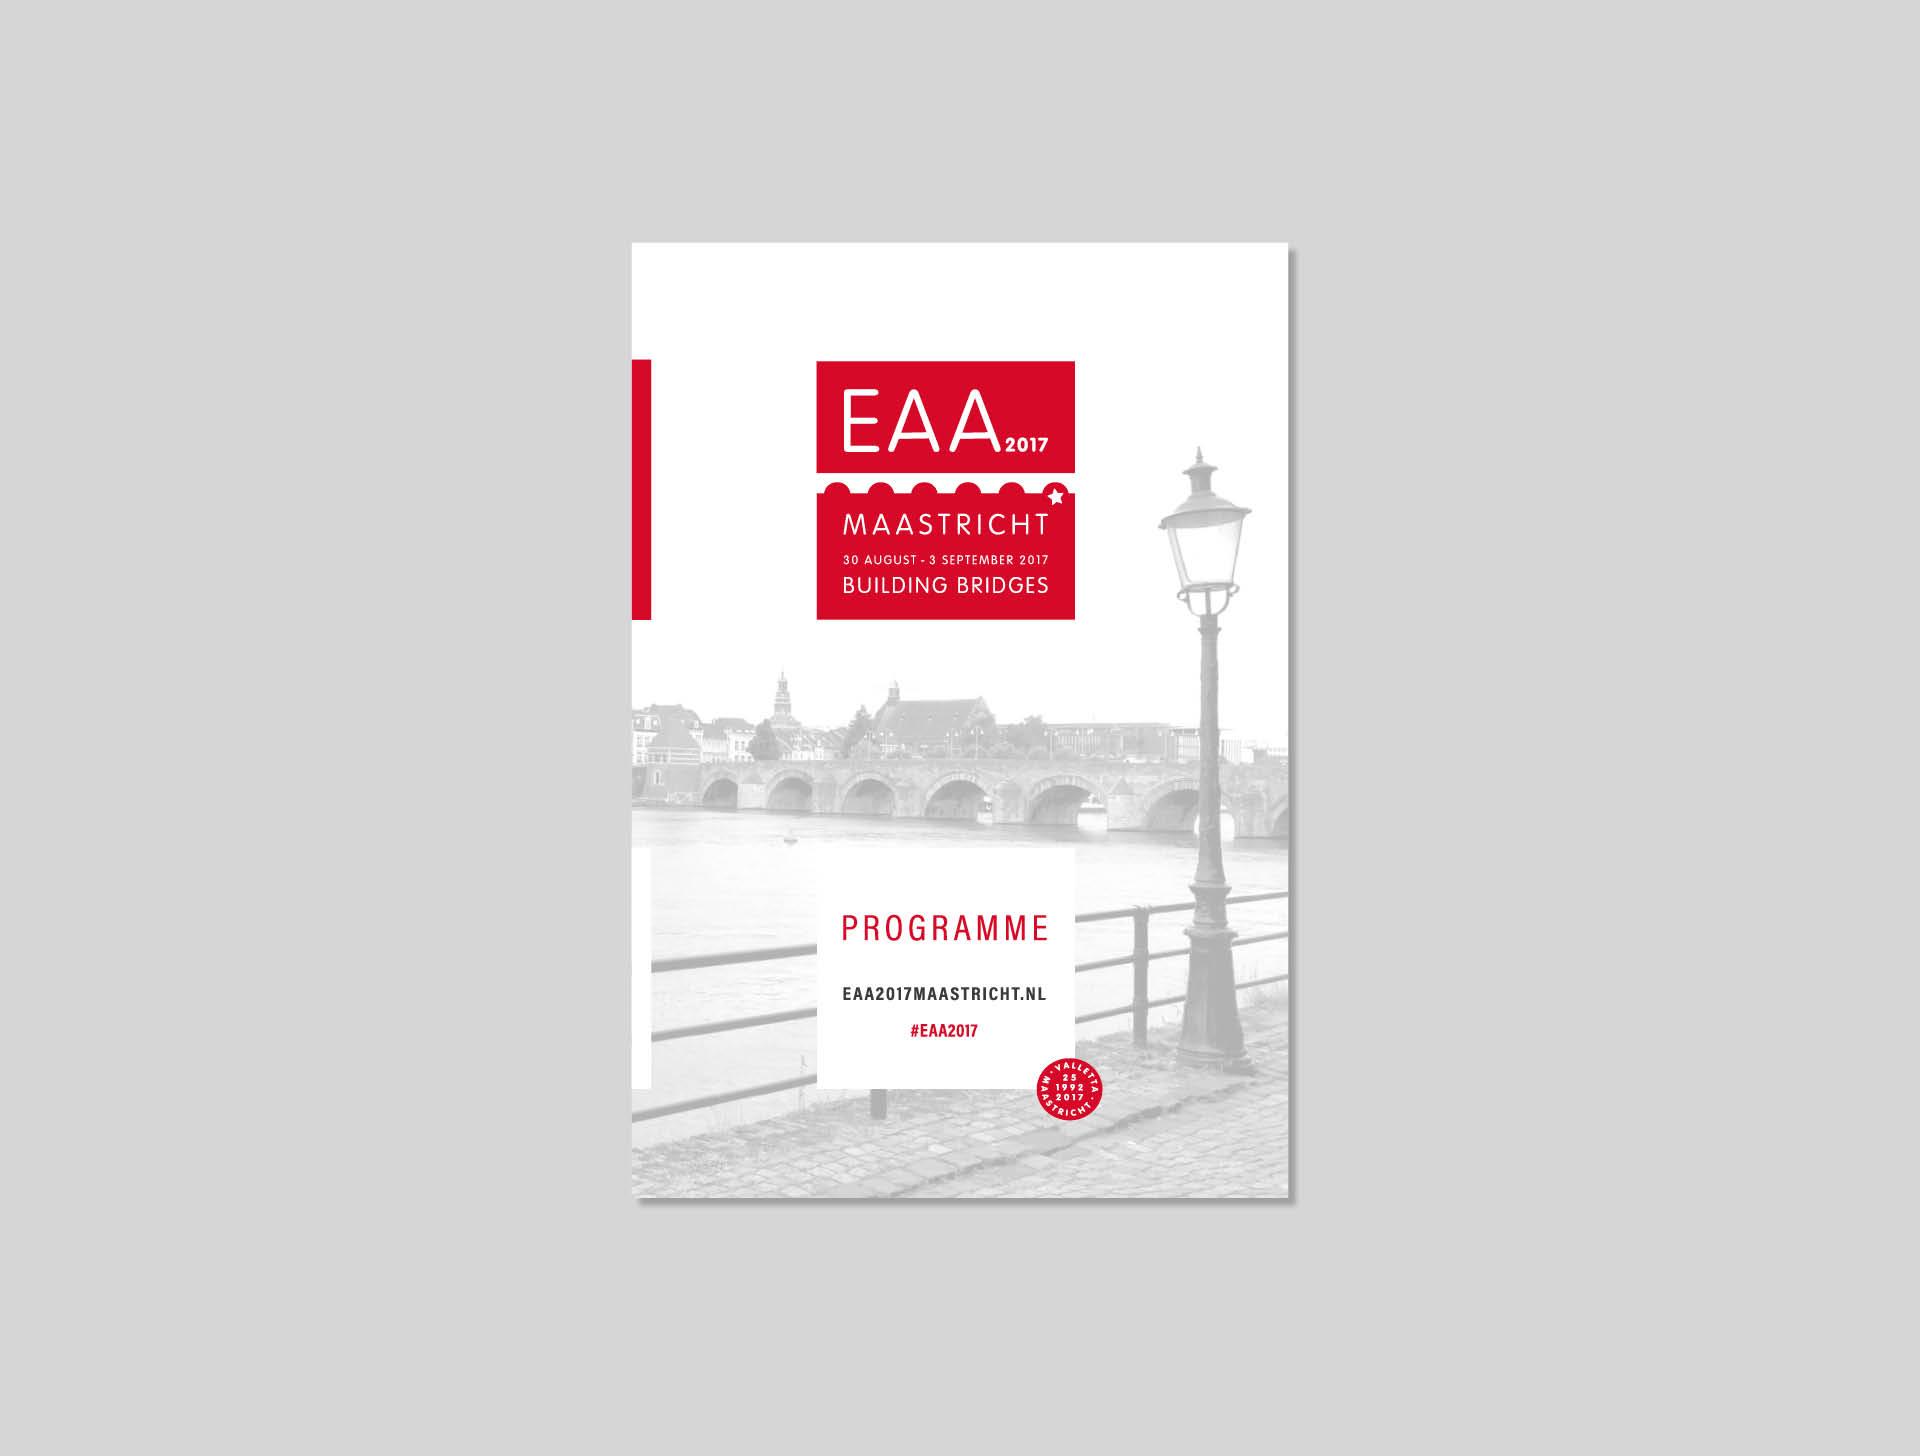 EAA congres boek - Klinkhamer Group - book design